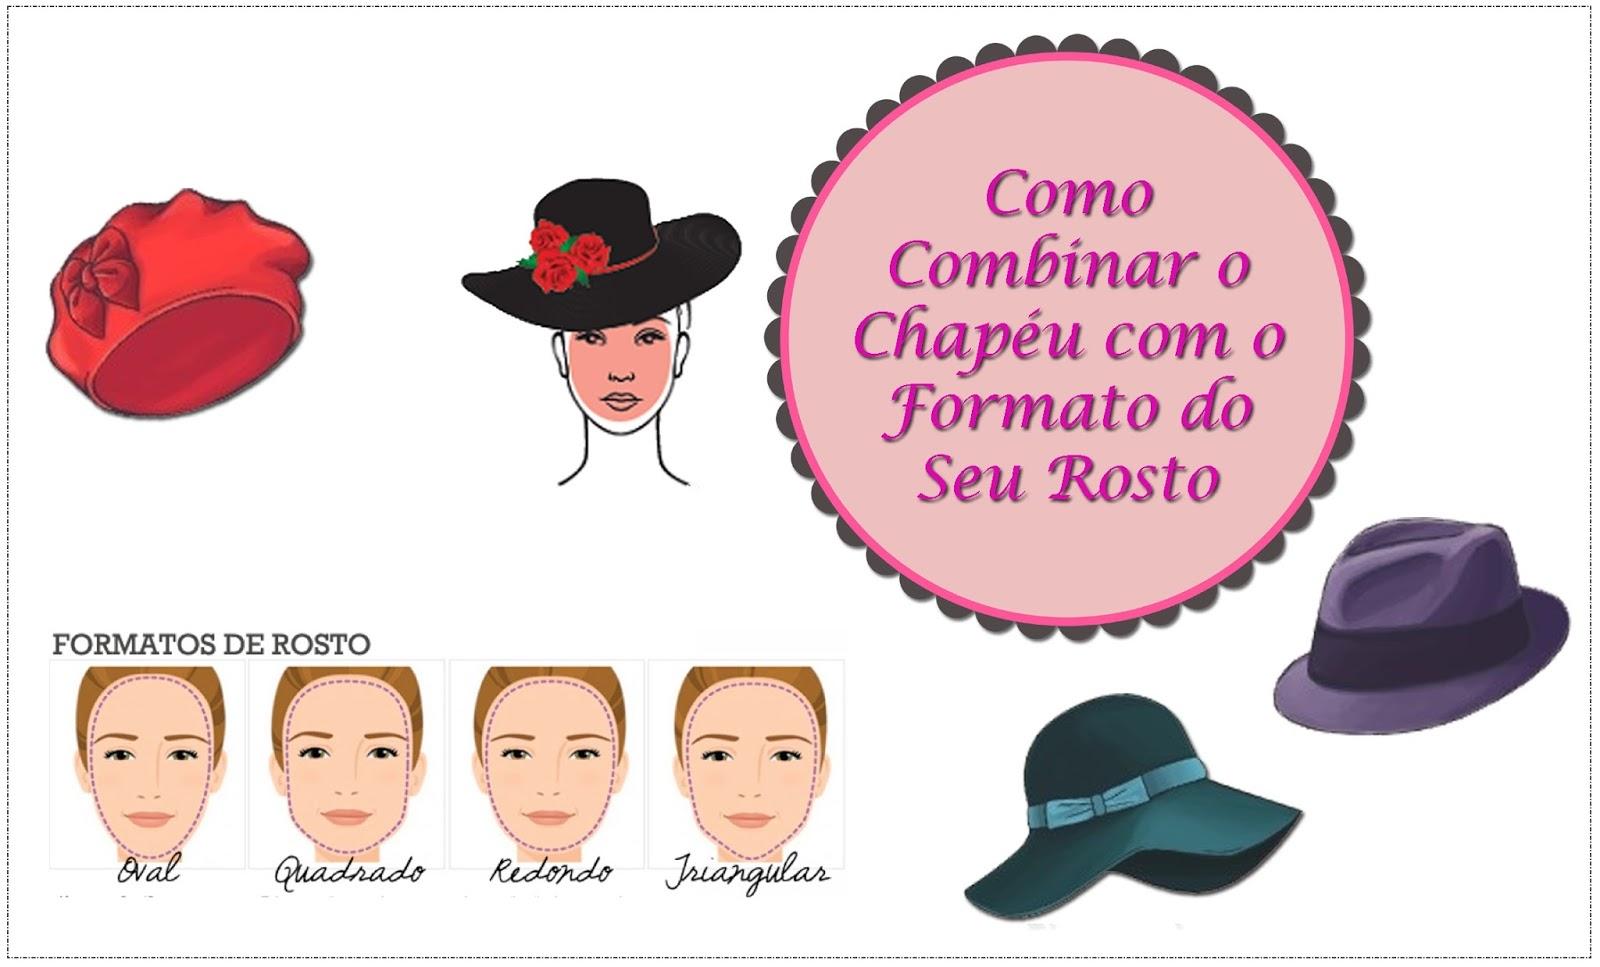 Como Escolher o Modelo de Chapéu de acordo com o Formato do seu Rosto ce34995e917